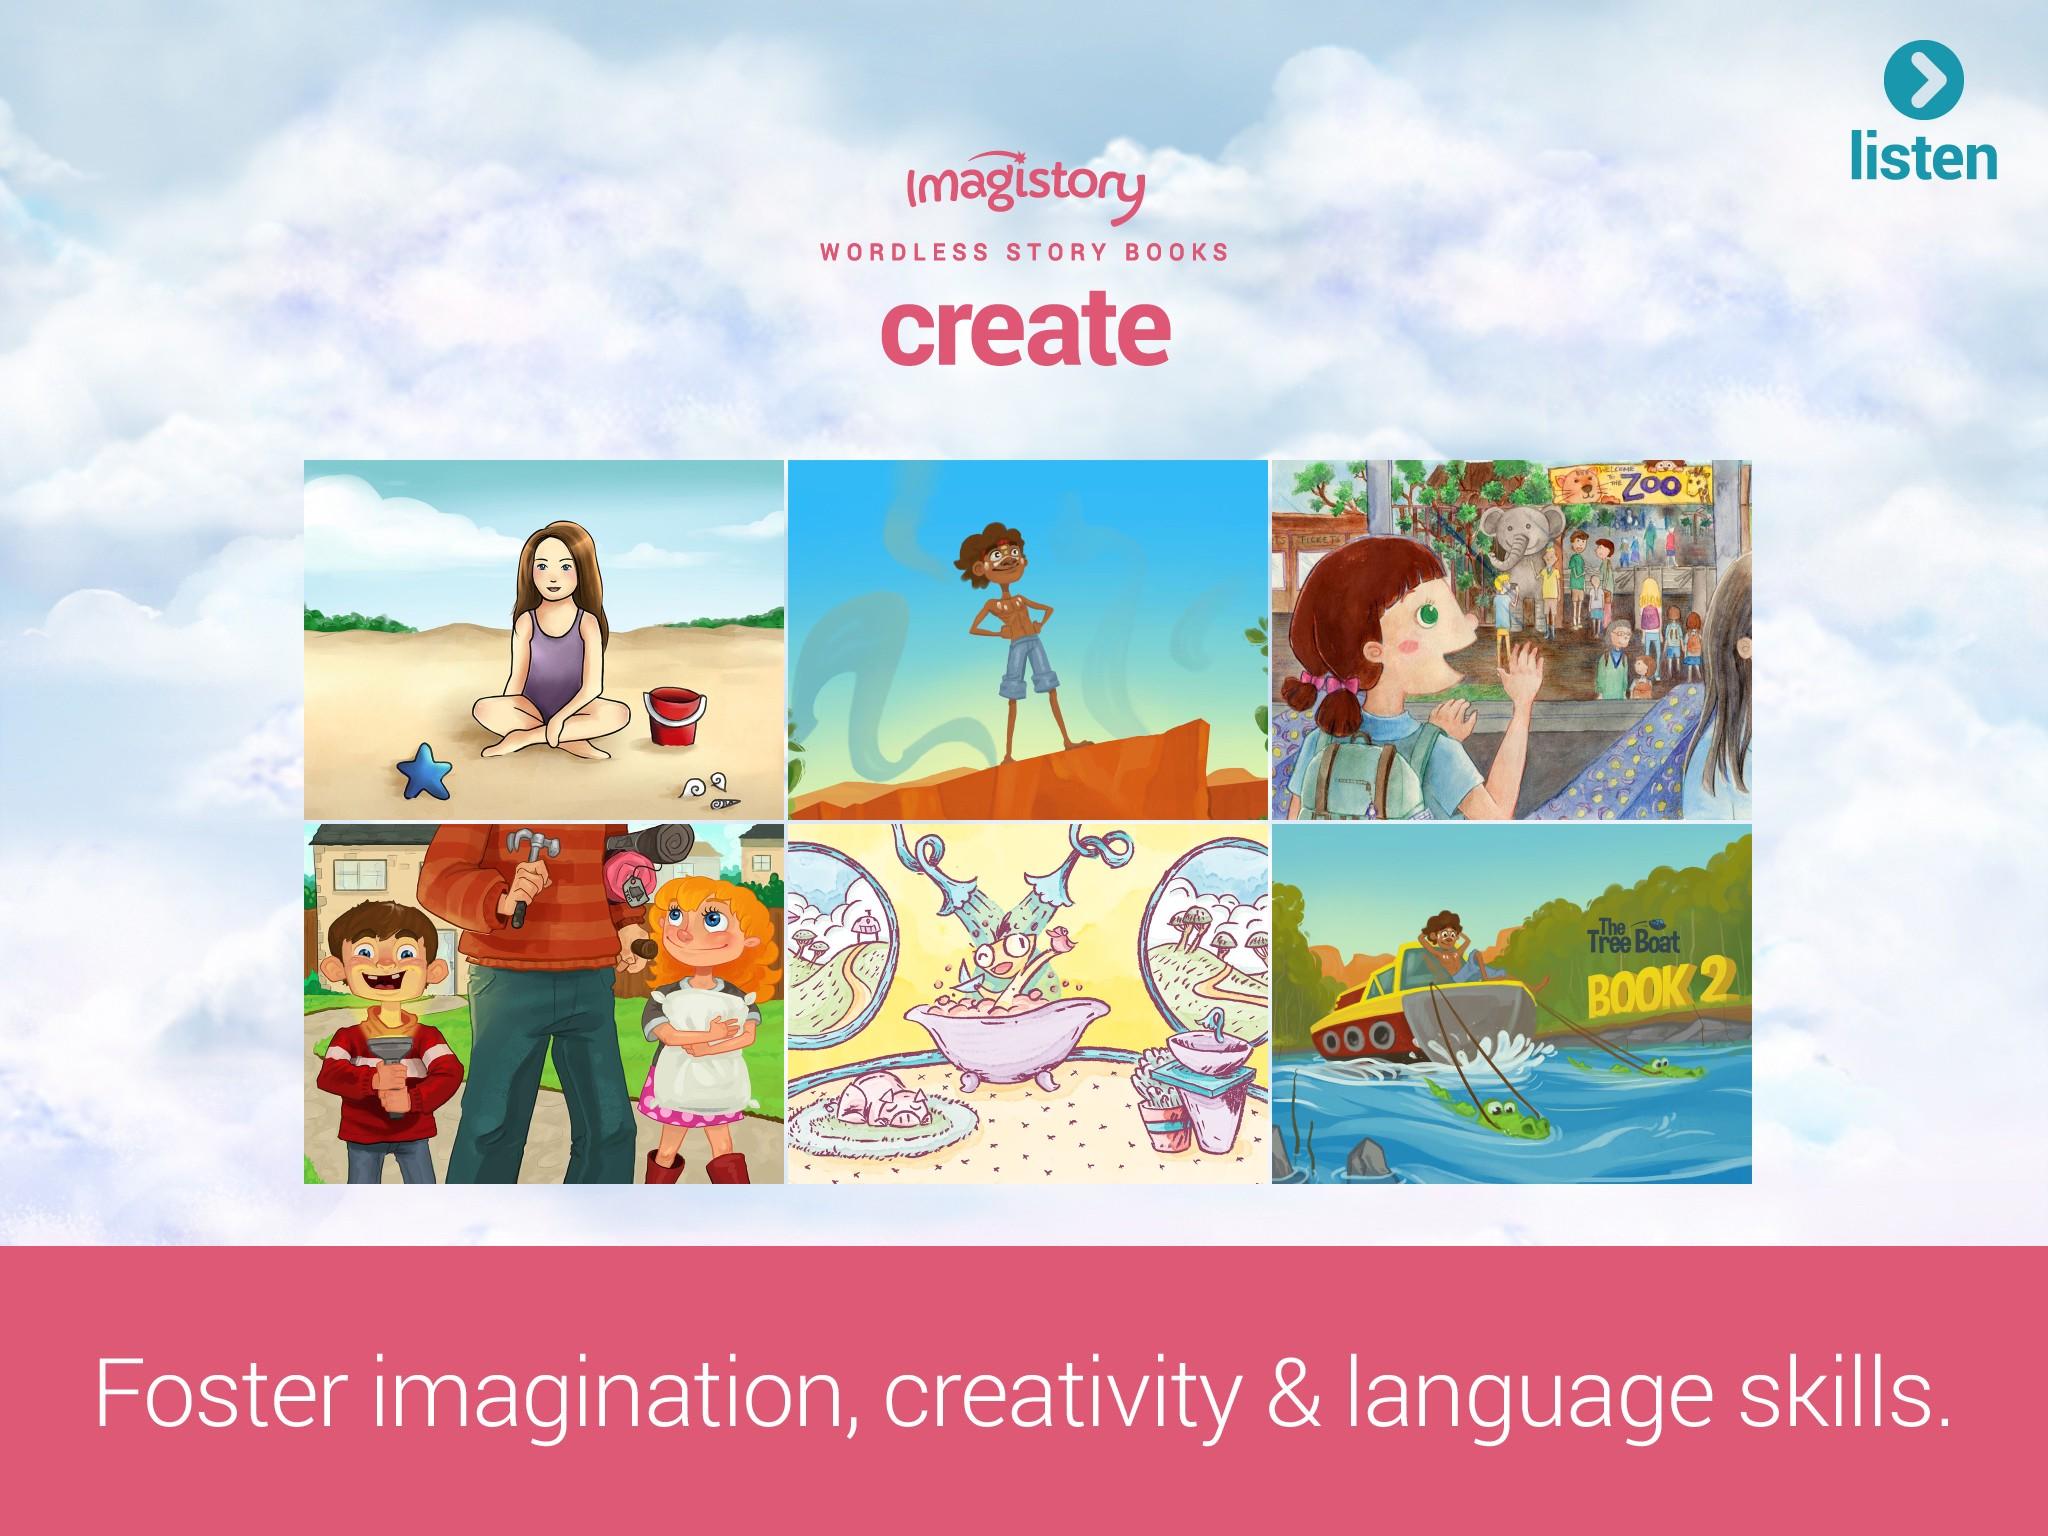 Imagistory: Creative Storytelling App for Kids